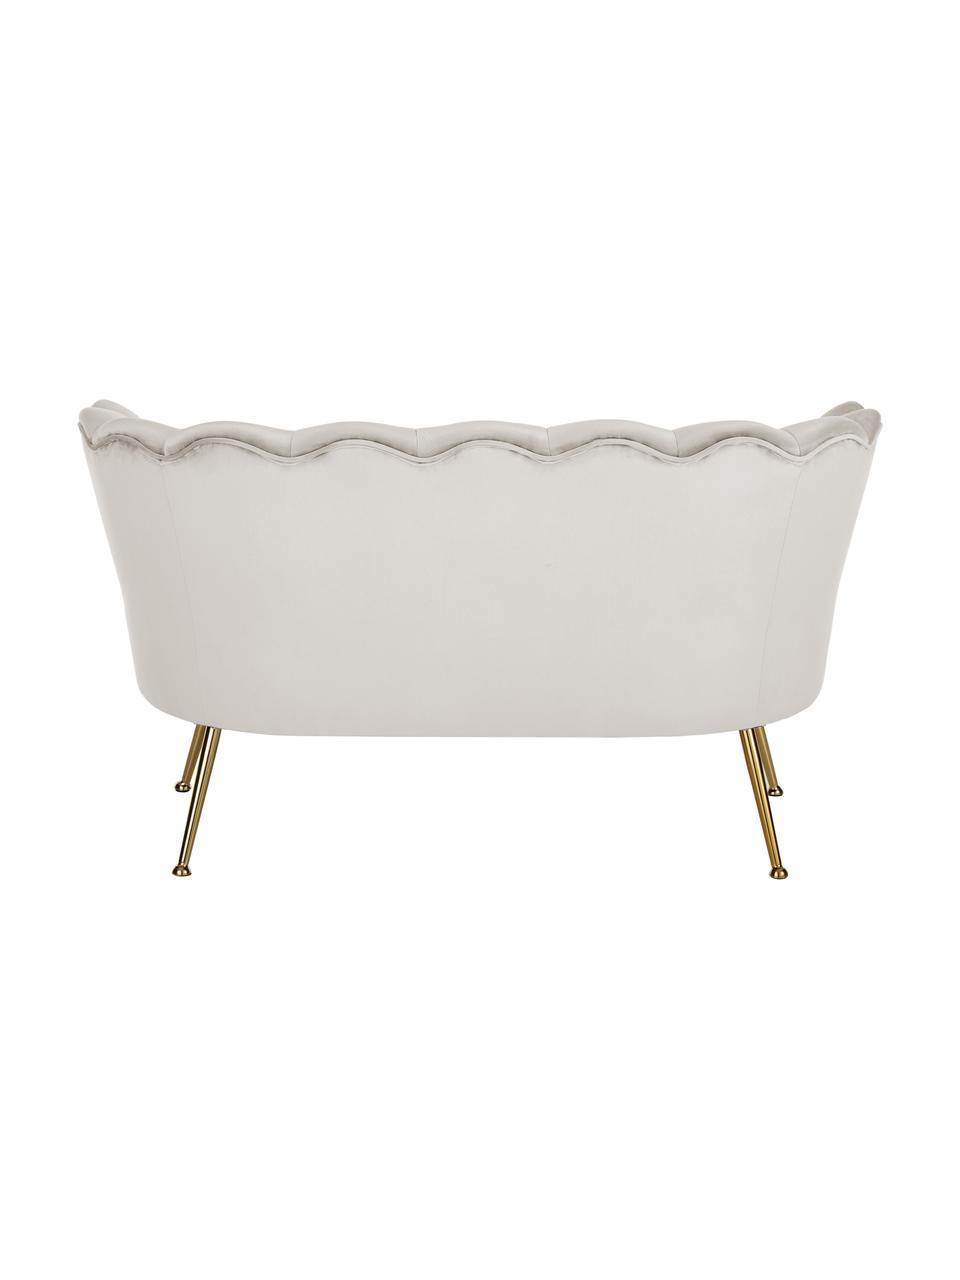 Canapé 2places velours gris clair Oyster, Velours blanc crème